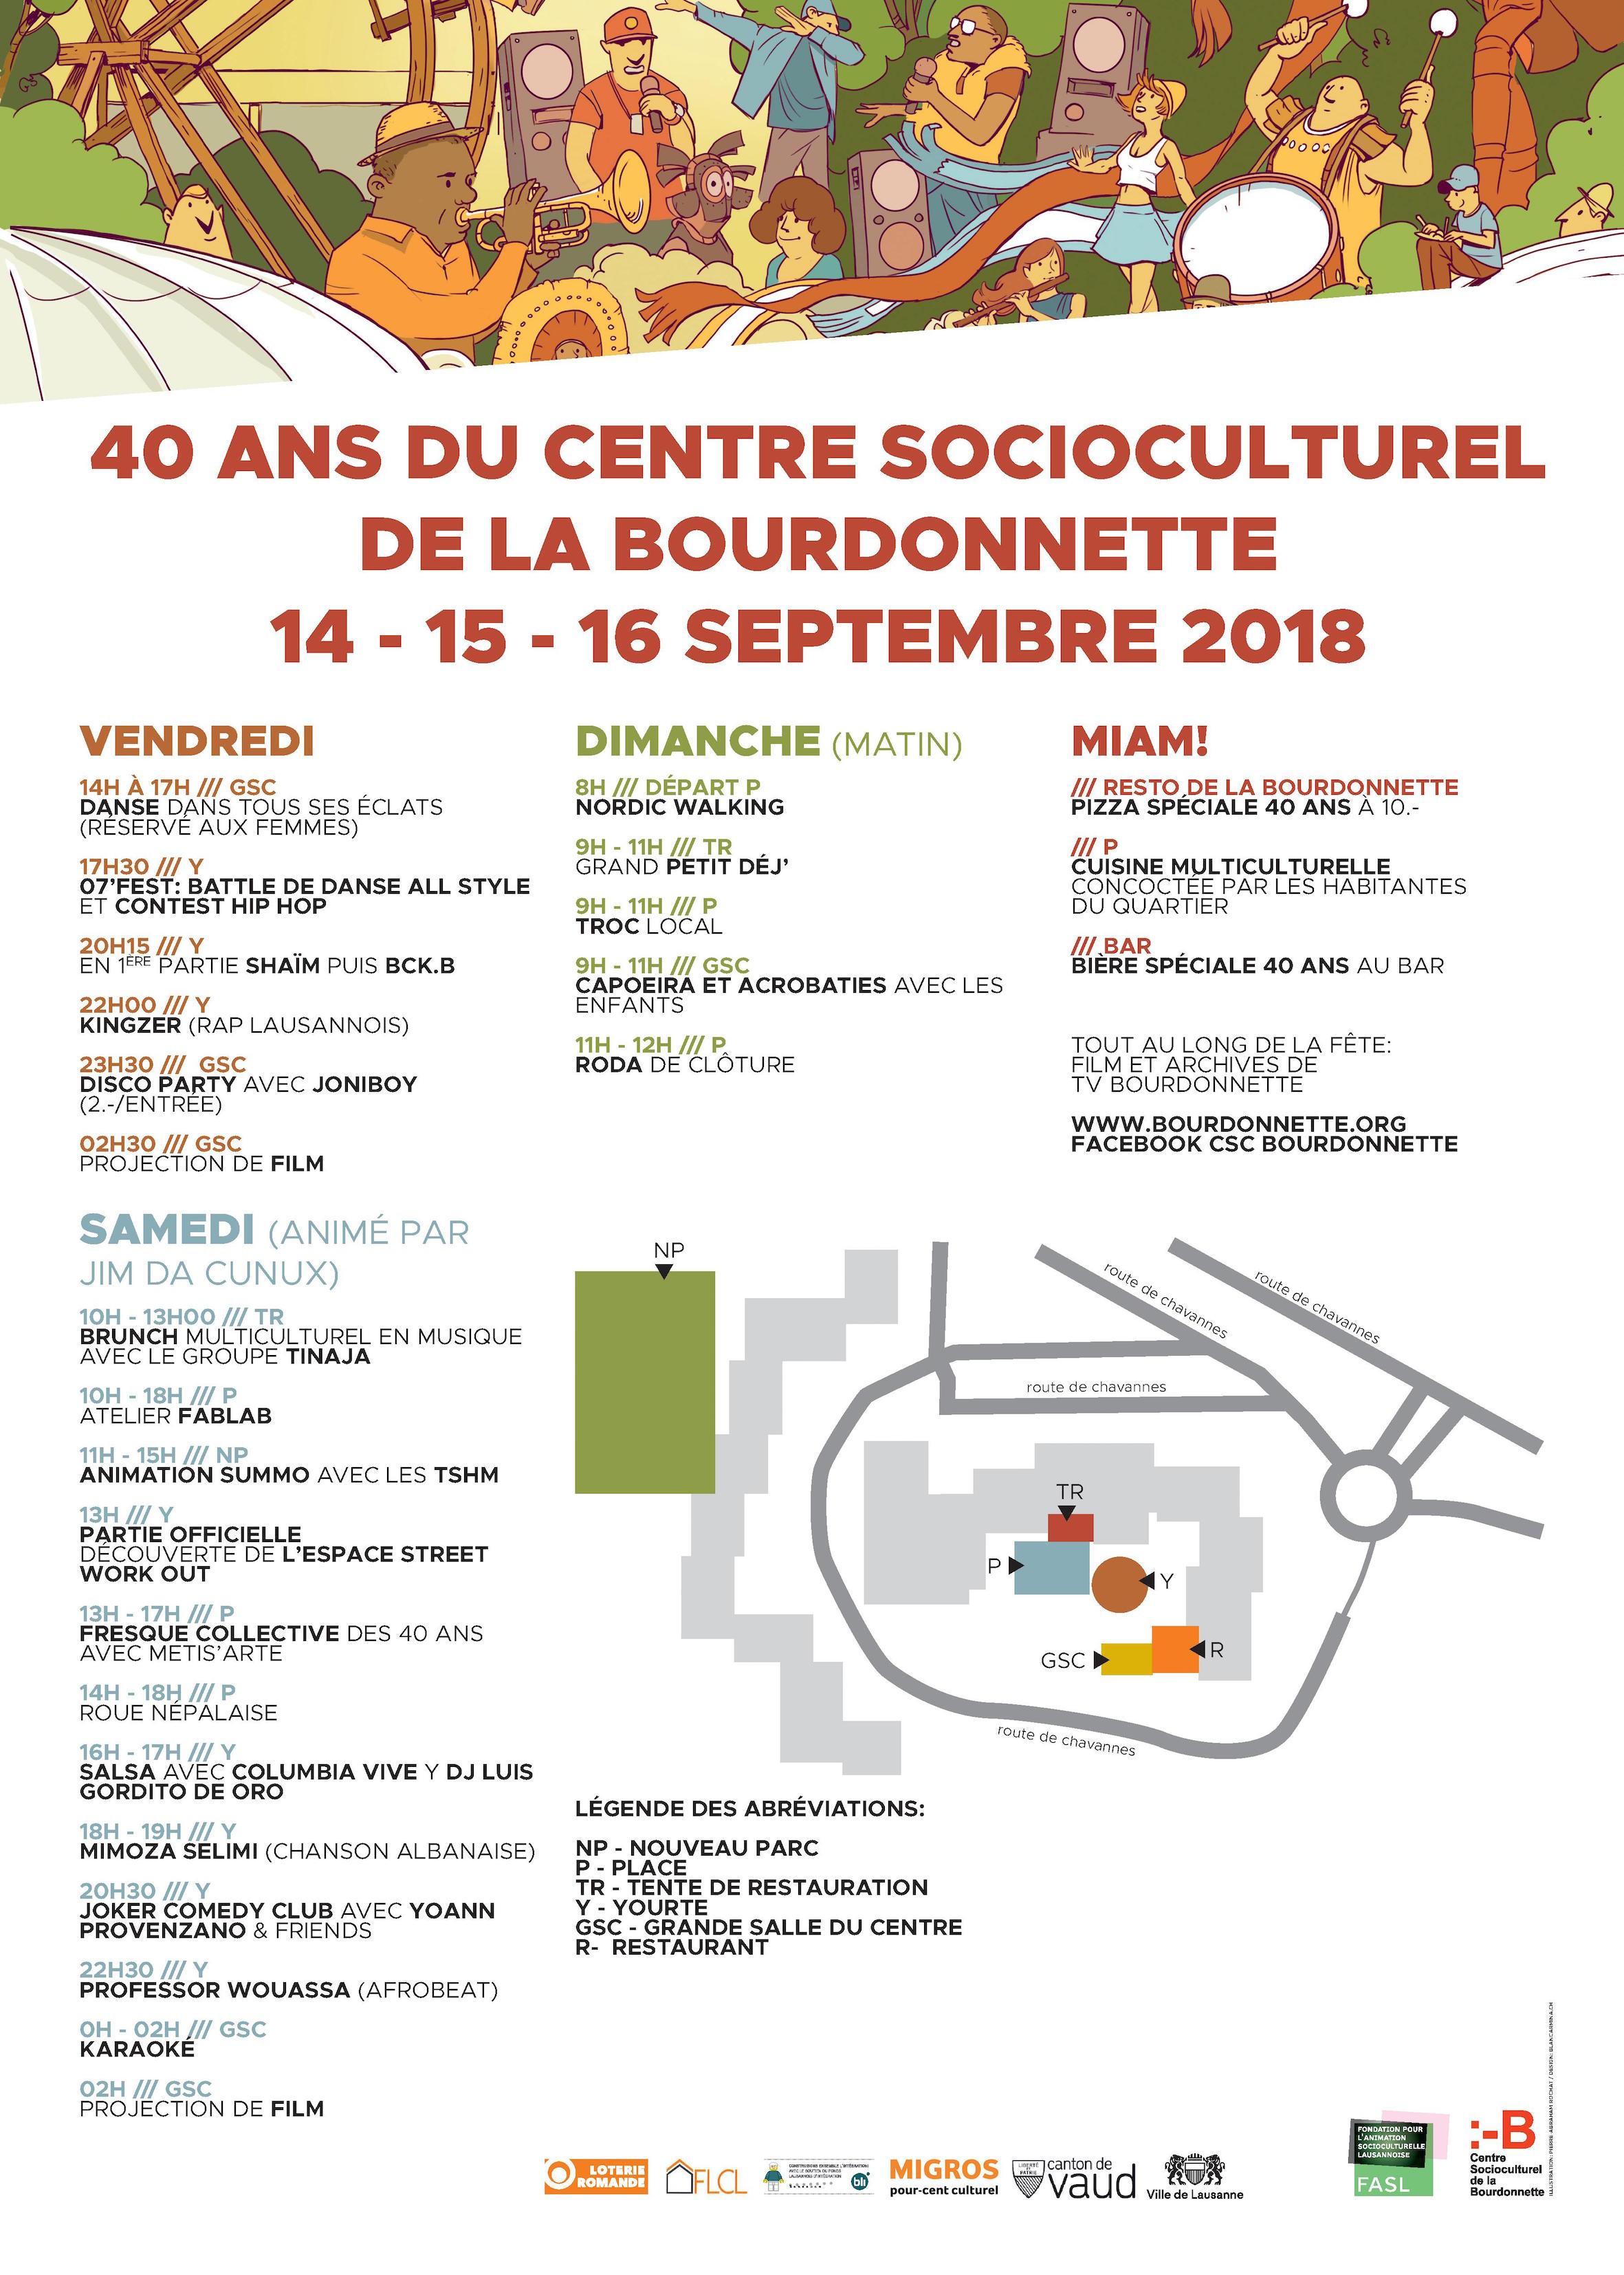 programme_a3_bourdonnette_print_ss_coupe